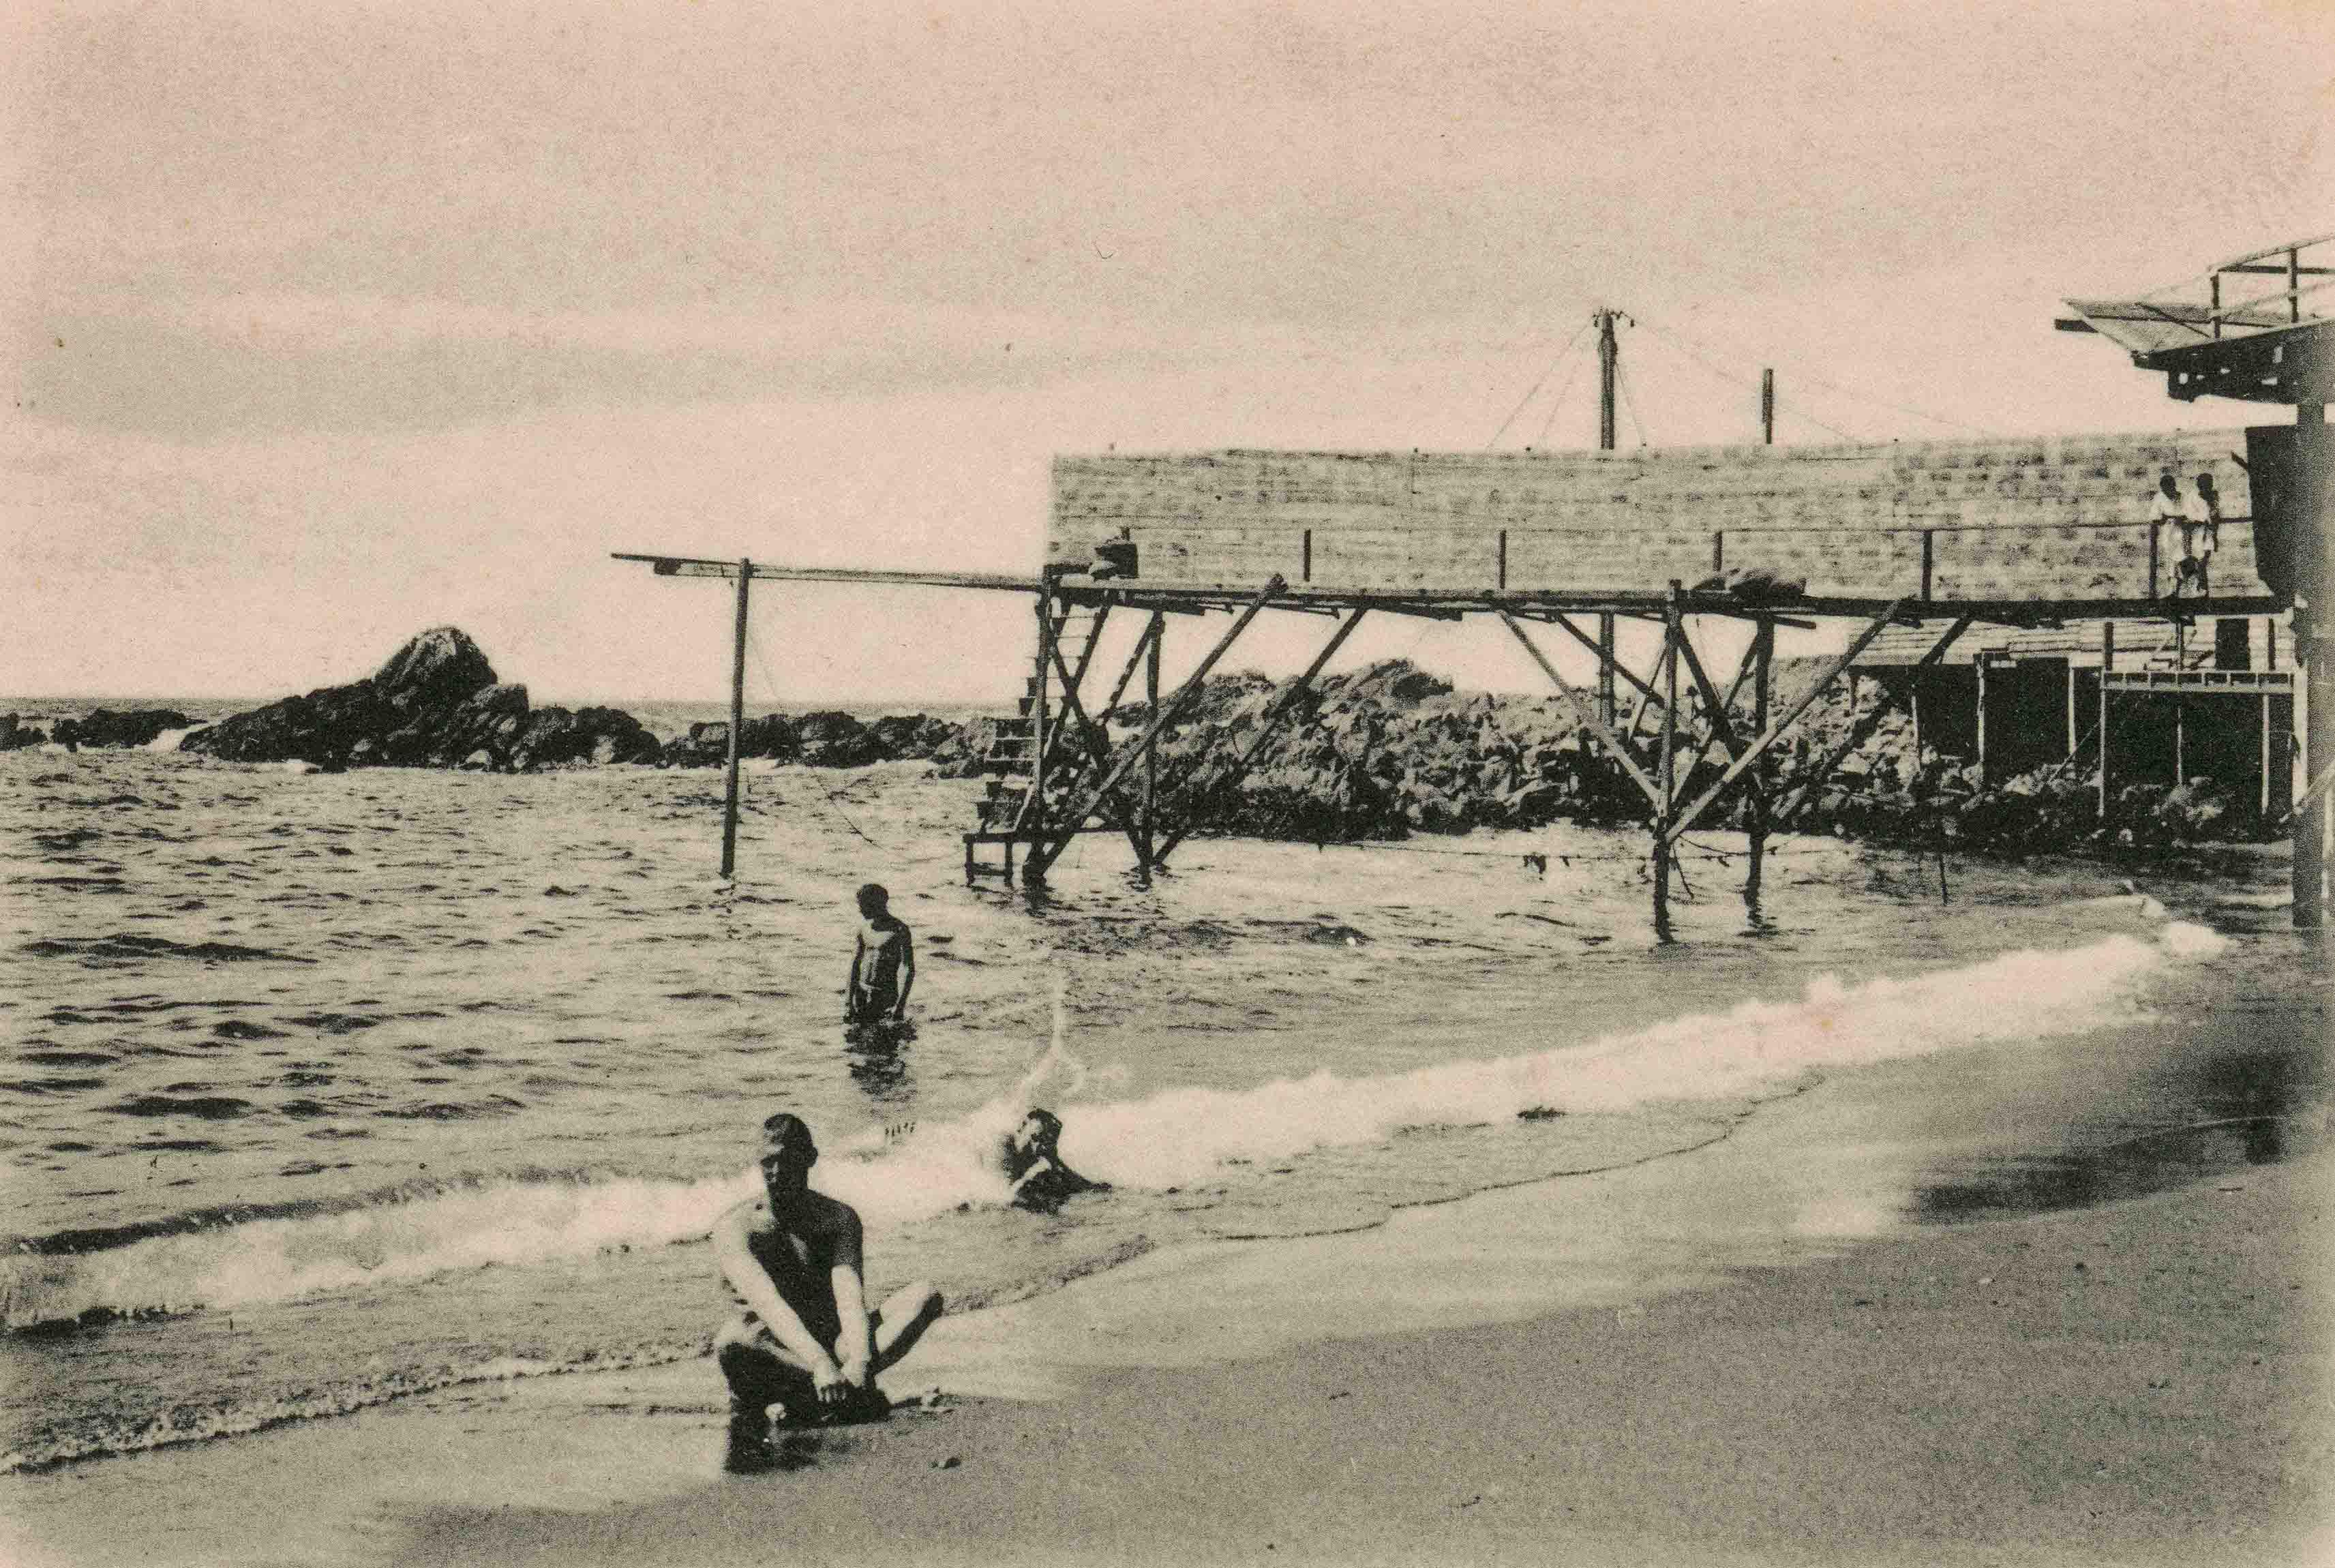 Enterreno - Fotos históricas de chile - fotos antiguas de Chile - Playa Las Torpederas de Valparaíso, ca. 1925